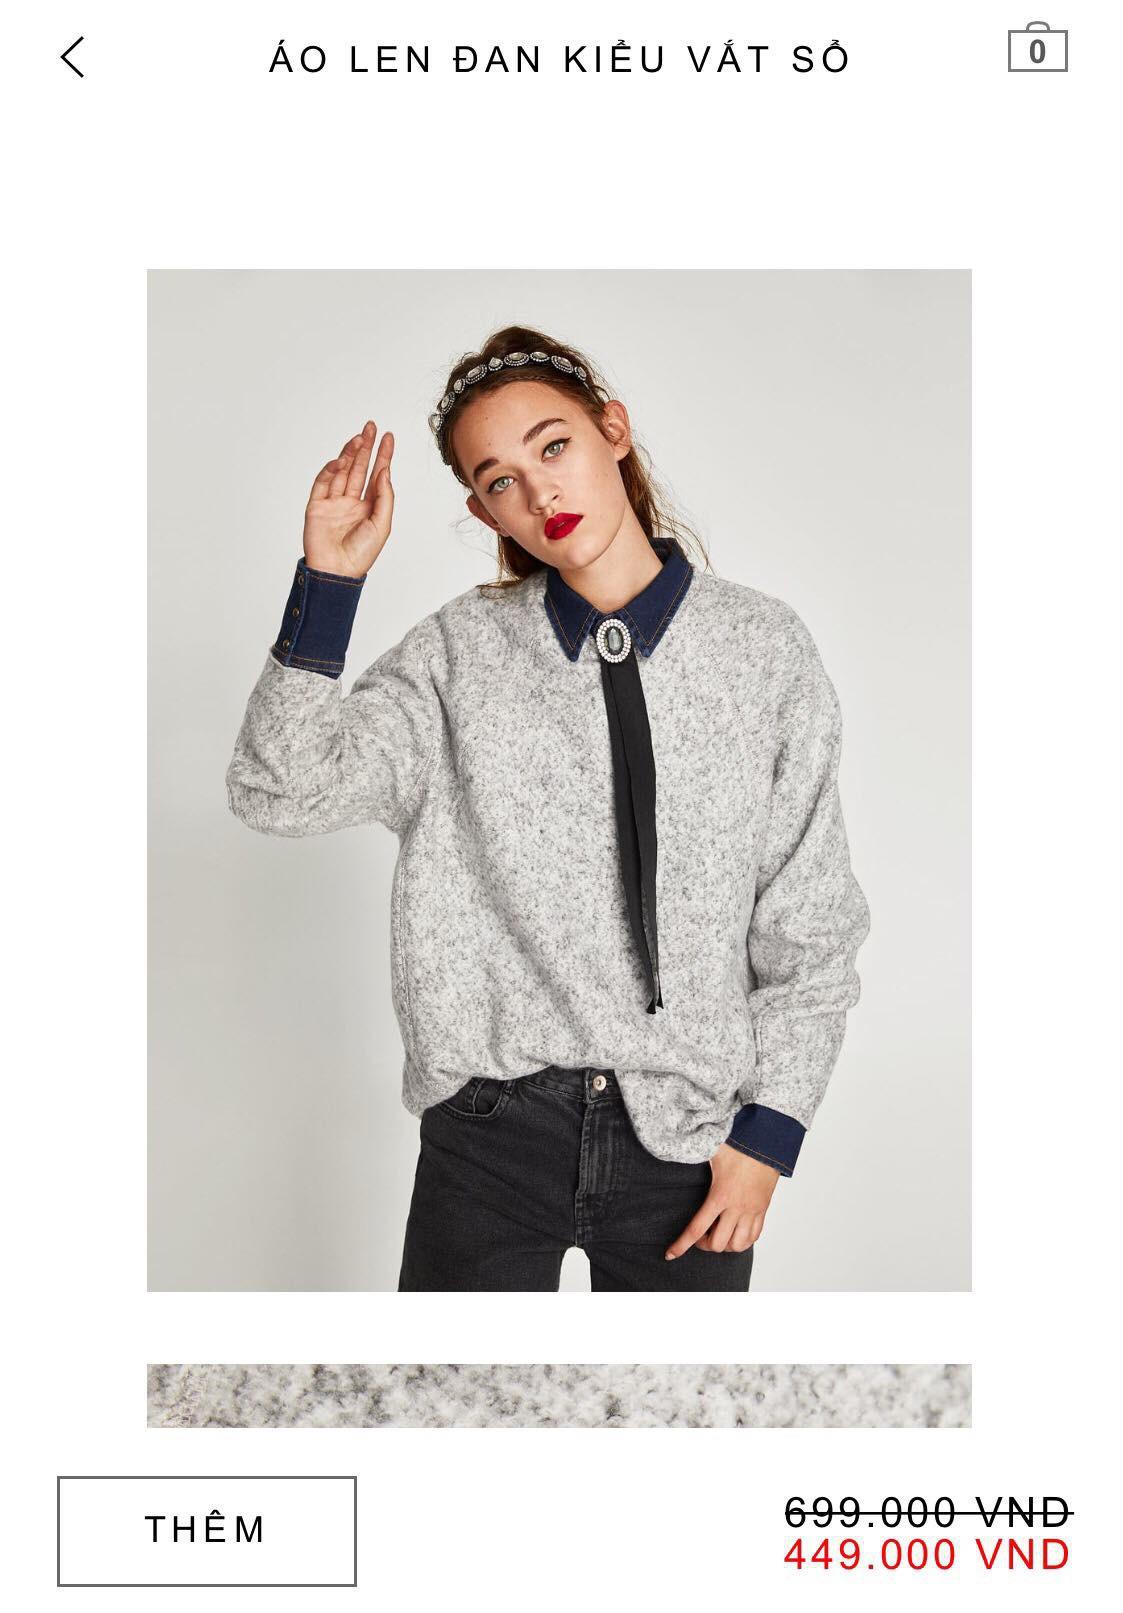 14 mẫu áo len, áo nỉ dưới 500.000 VNĐ xinh xắn, trendy đáng sắm nhất đợt sale này của Zara - Ảnh 8.